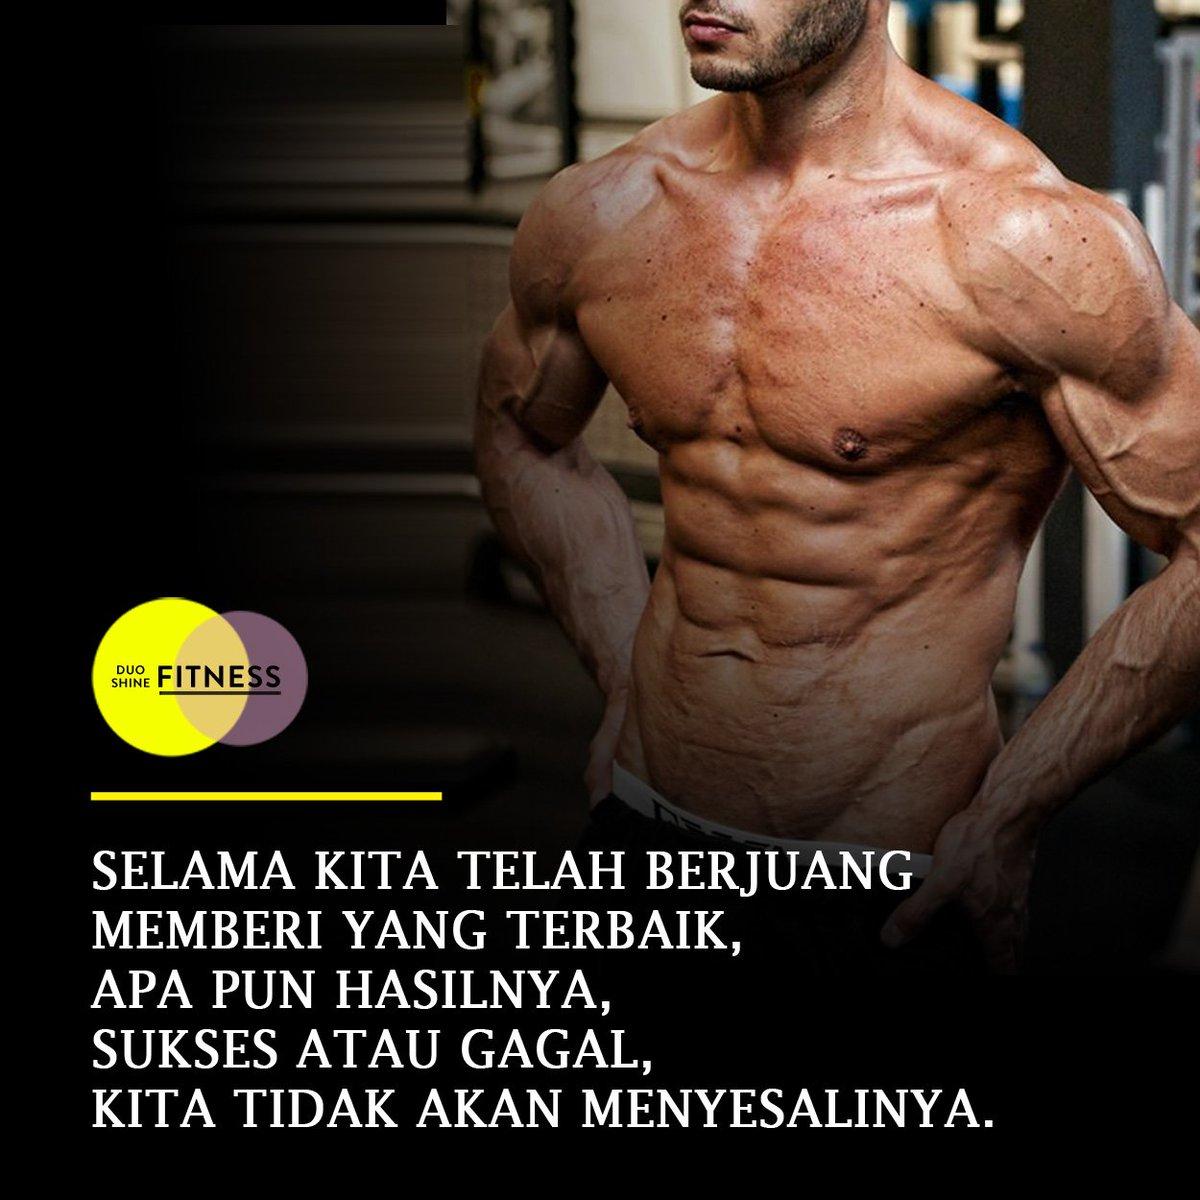 Kata Kata Motivasi Nge Gym